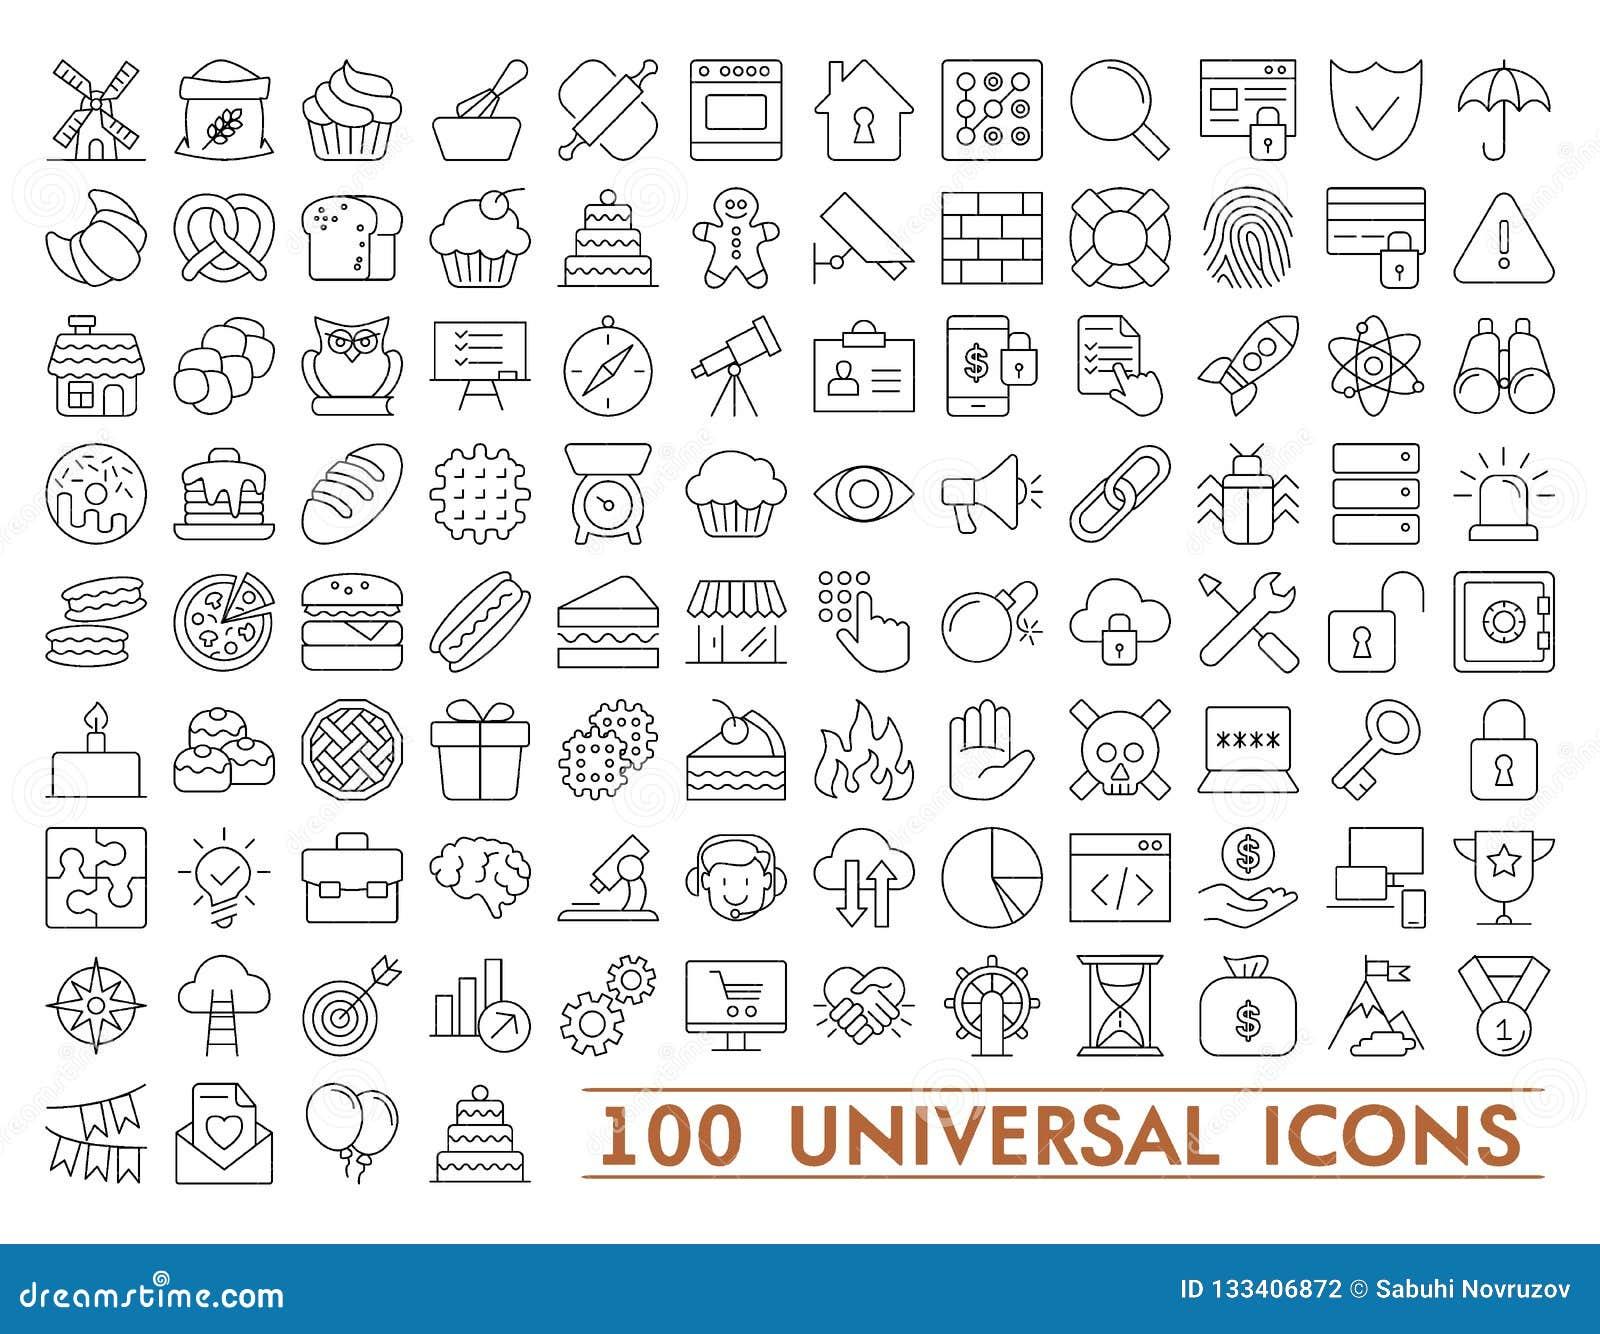 100 σύνολο καθολικών εικονιδίων για τον Ιστό και κινητός Μεγάλη συσκευασία των σύγχρονων minimalistic, λεπτών εικονιδίων γραμμών